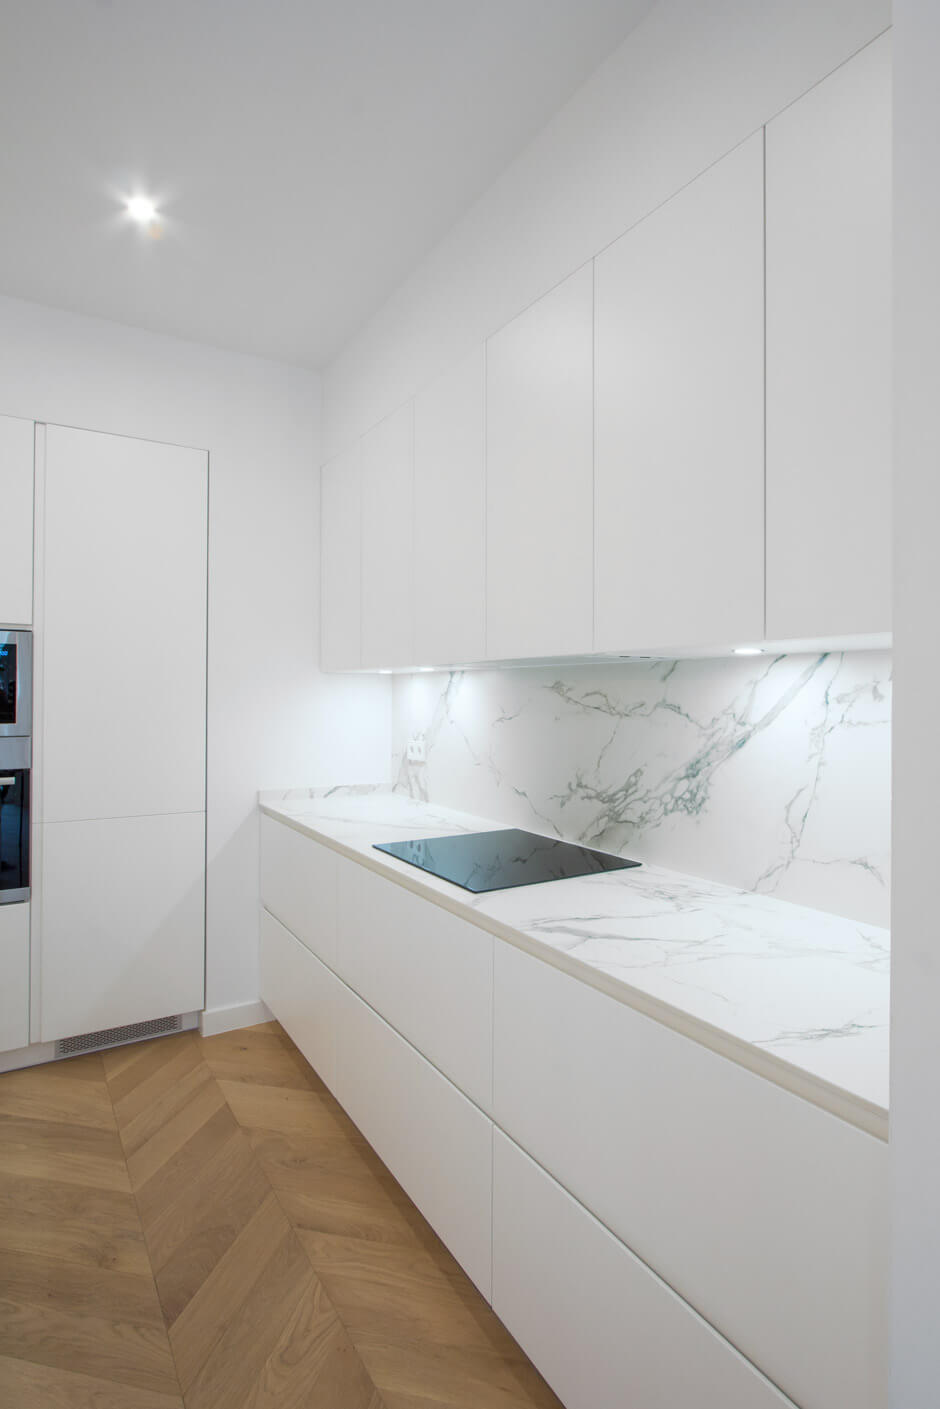 R DE ROOM-proyecto de reforma de vivienda en calle Goya (Madrid)